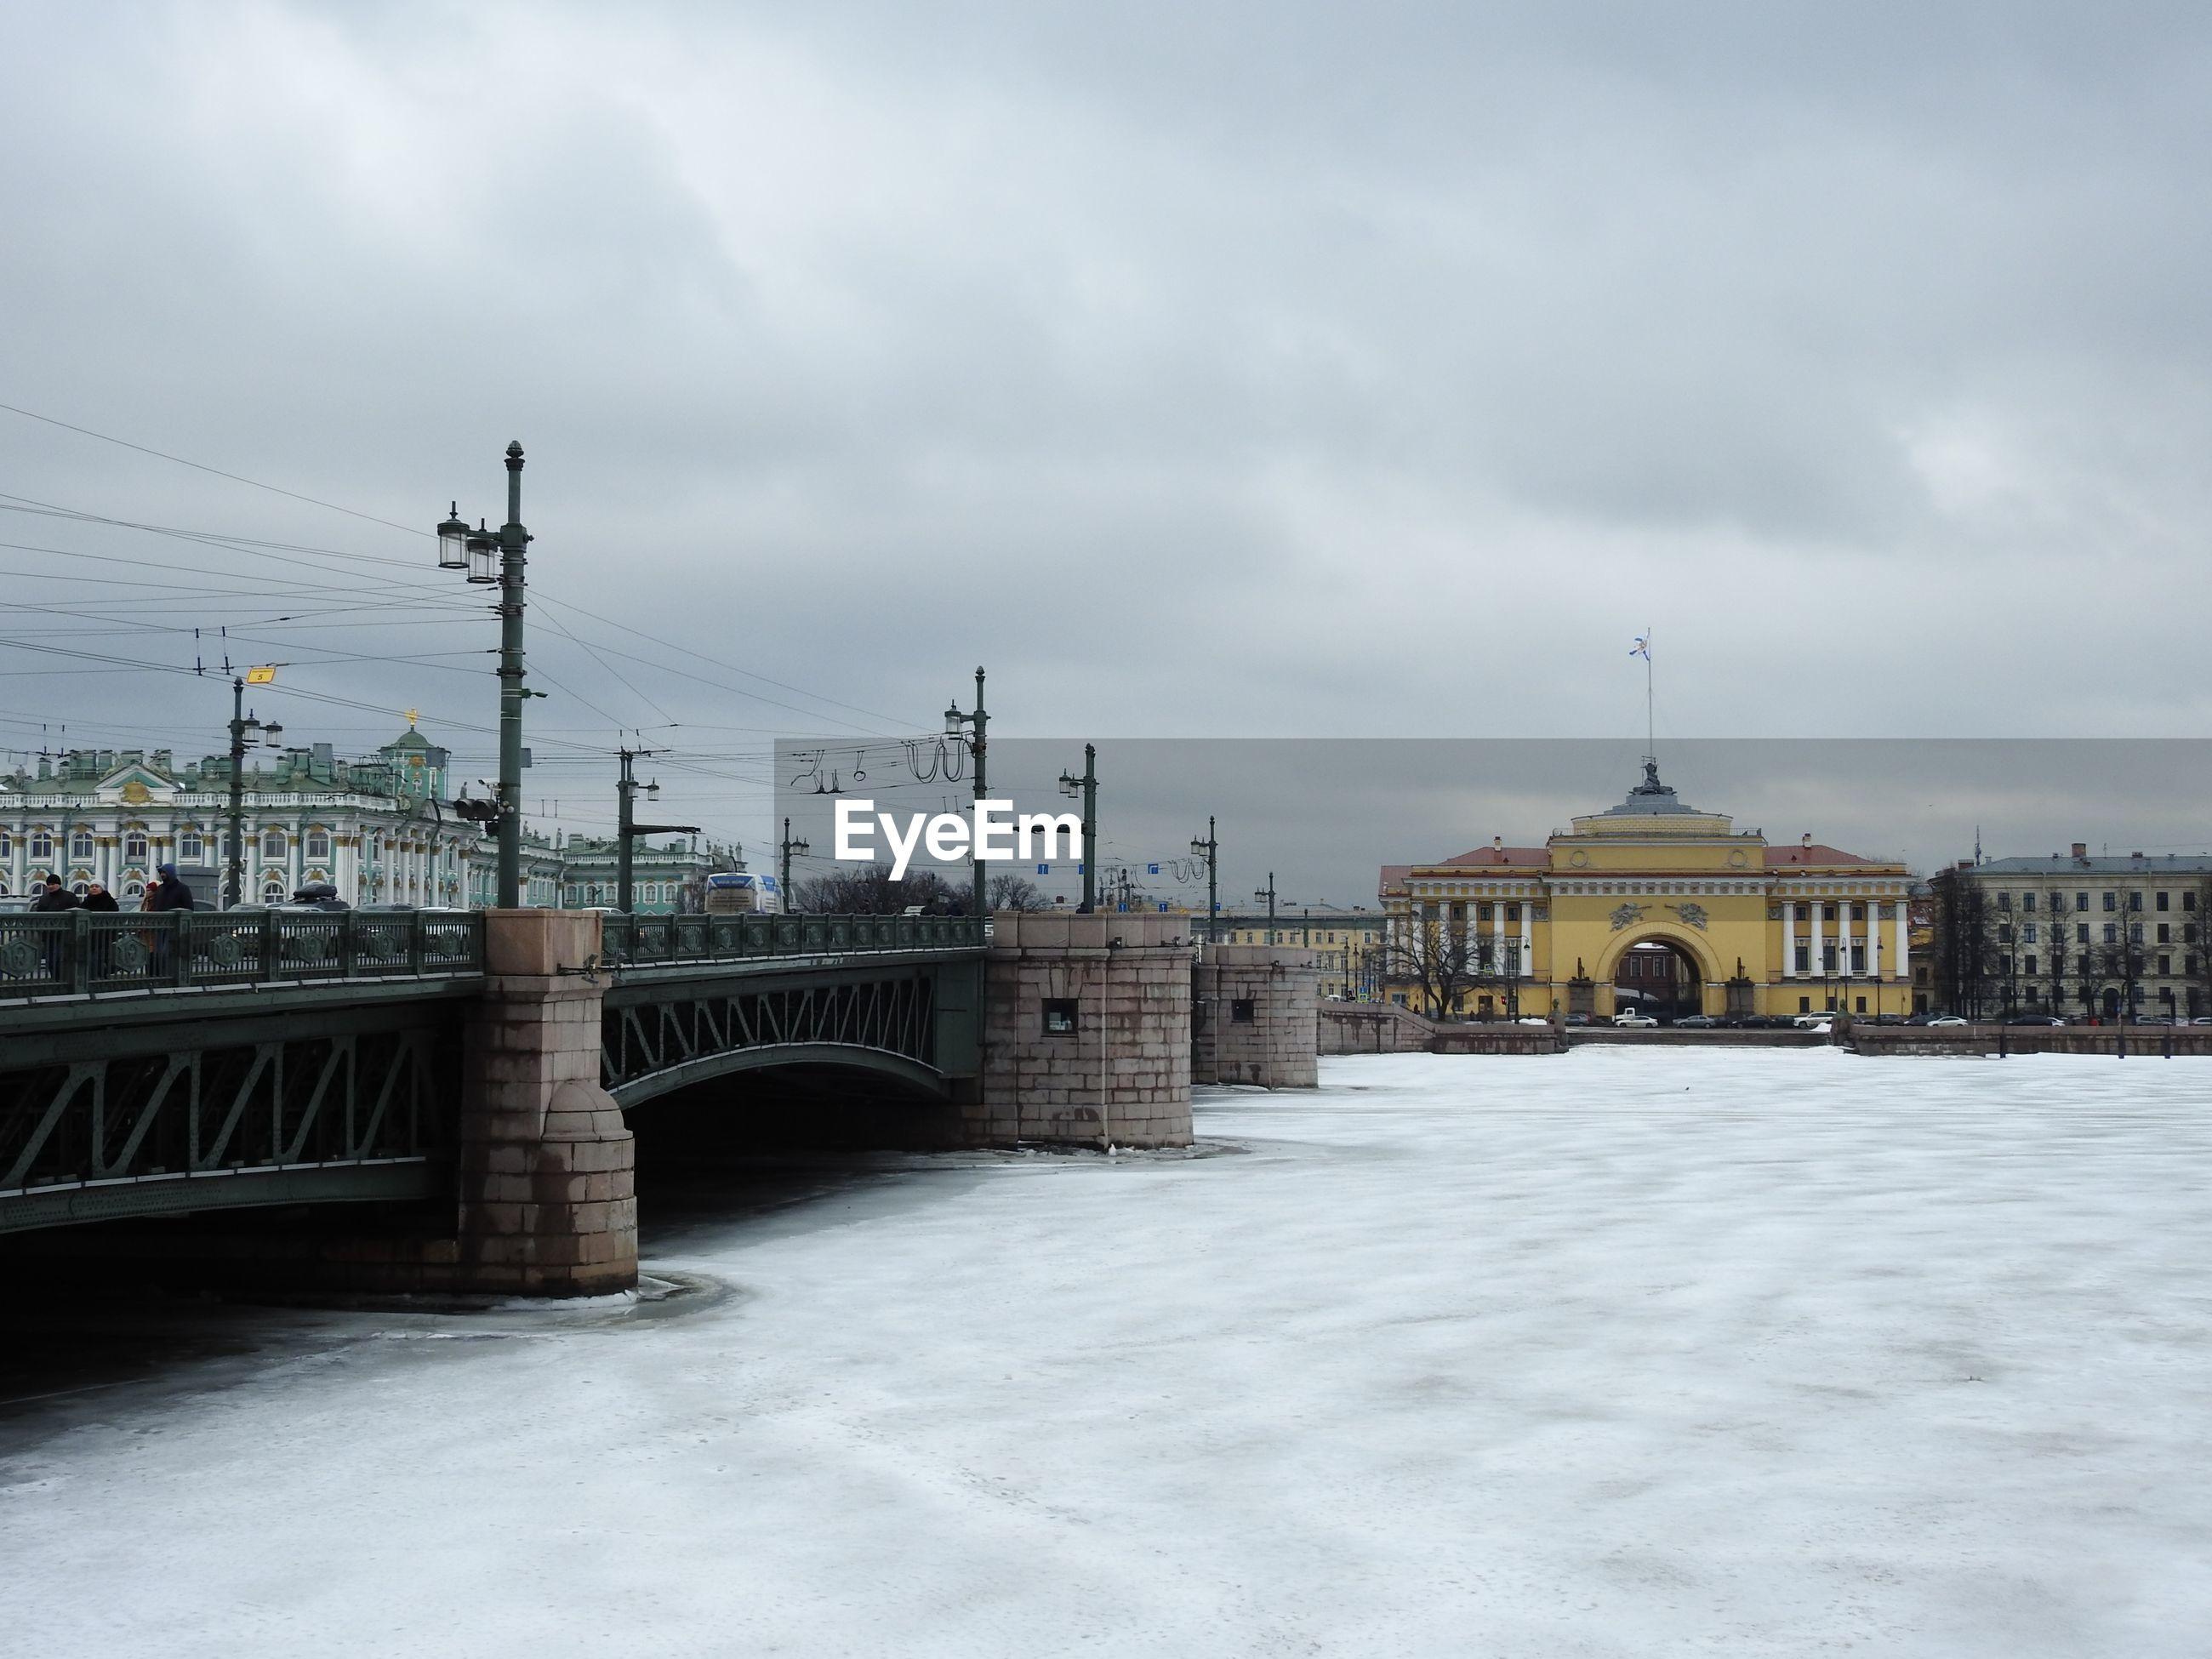 Bridge over buildings in city against sky